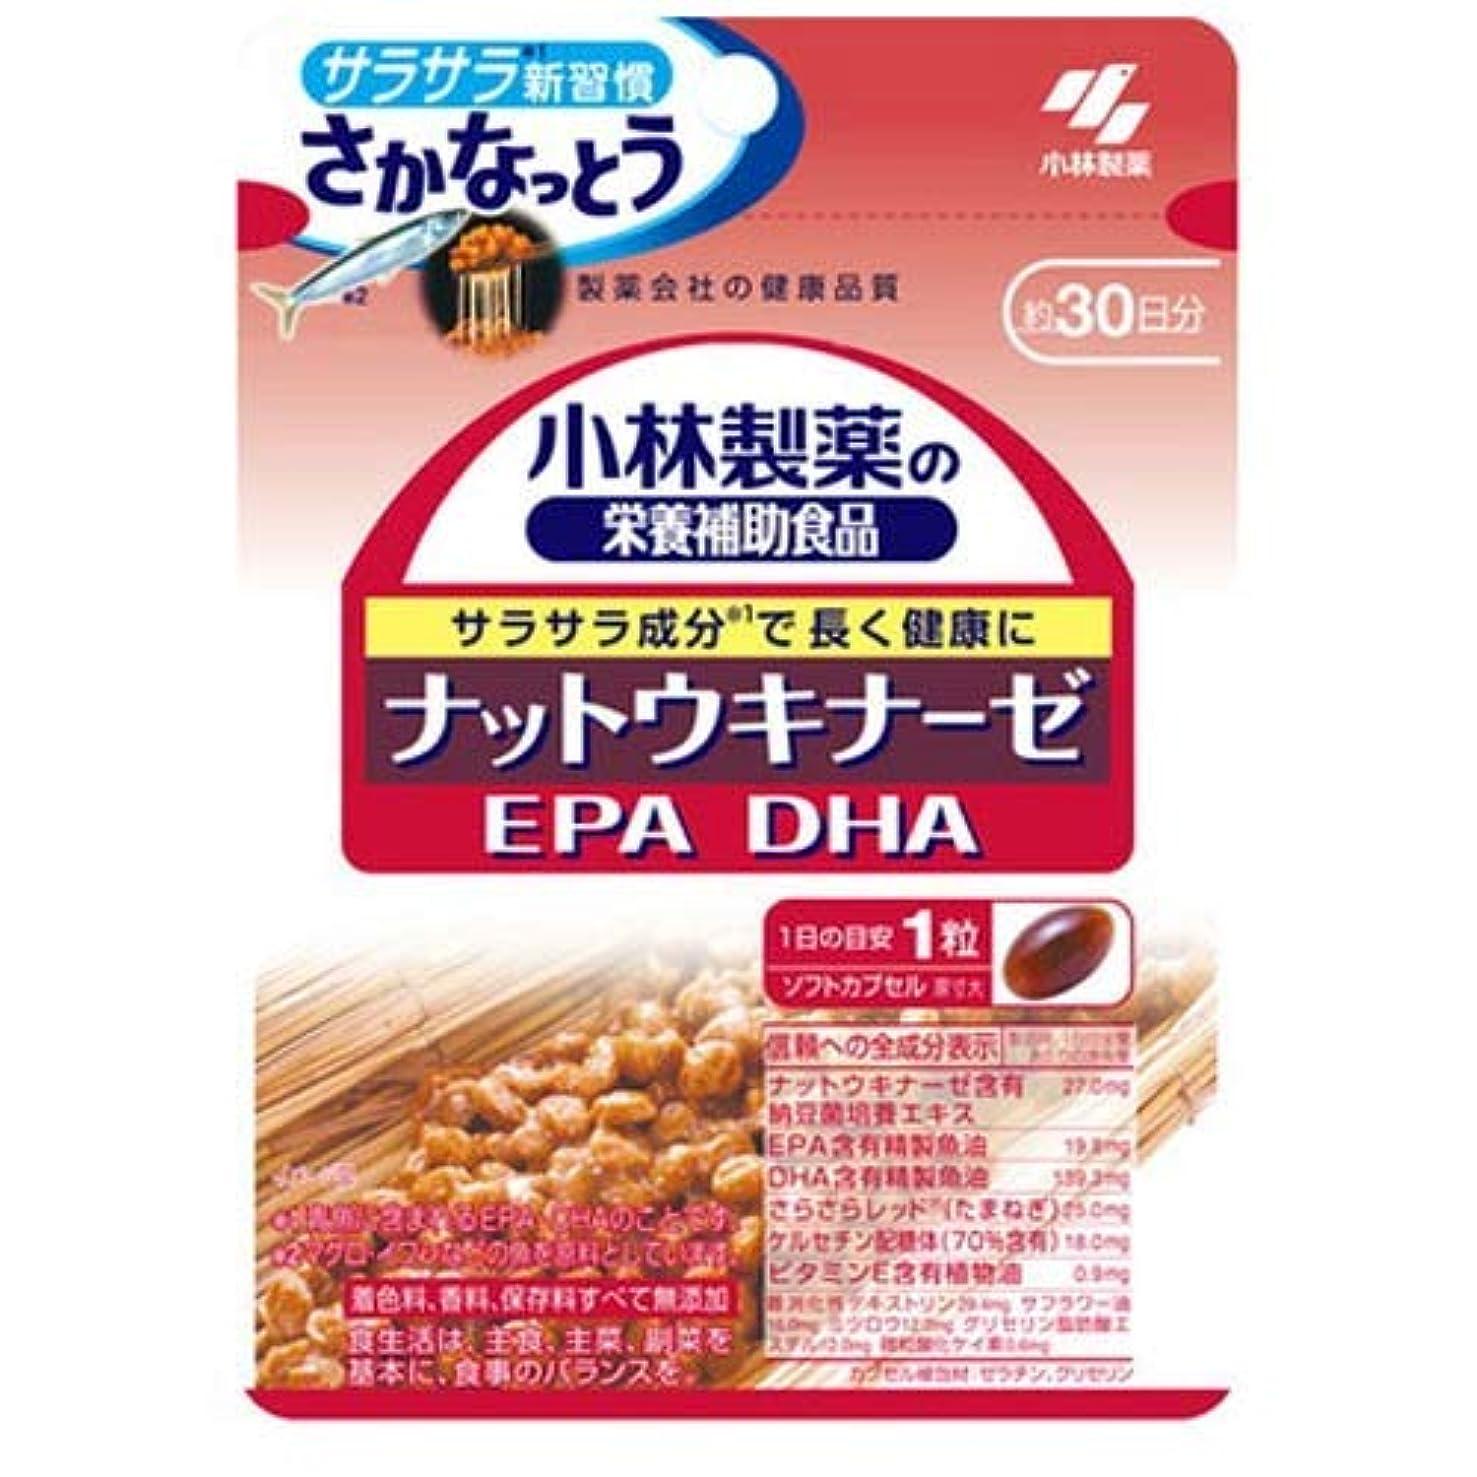 鎖エレベーターコード小林製薬 ナットウキナーゼ EPA/DHA 30粒 [メール便対応商品]